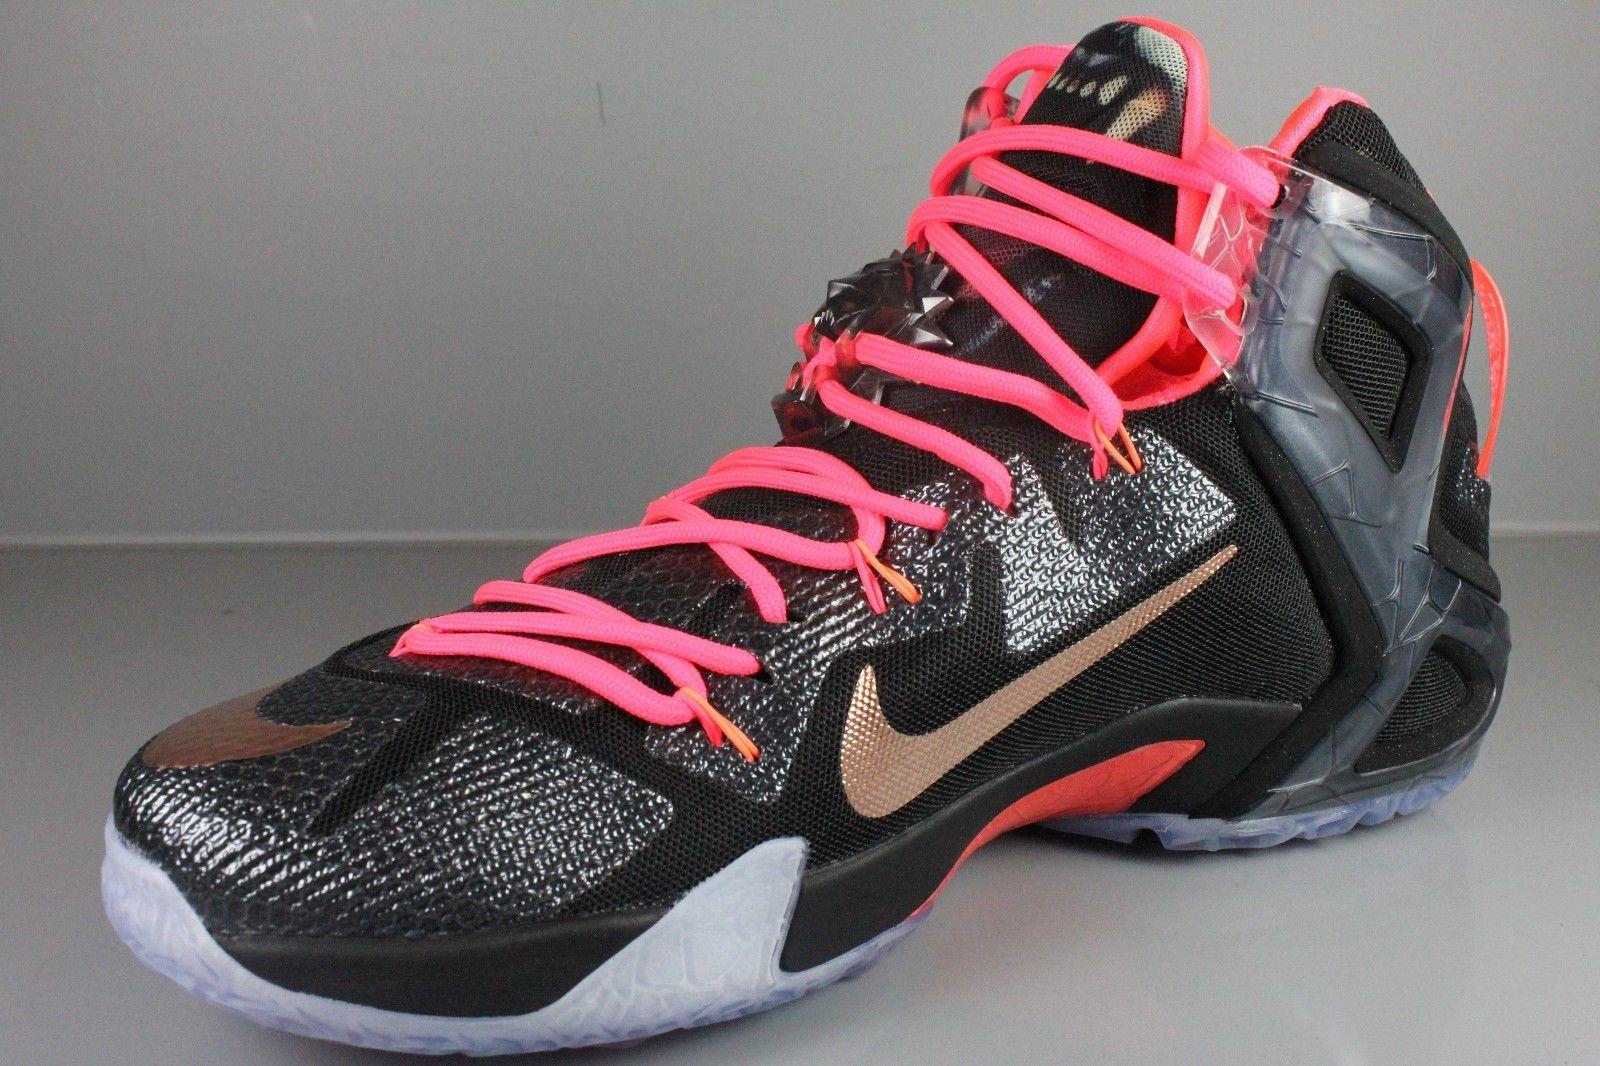 Nike Lebron 12 Elite